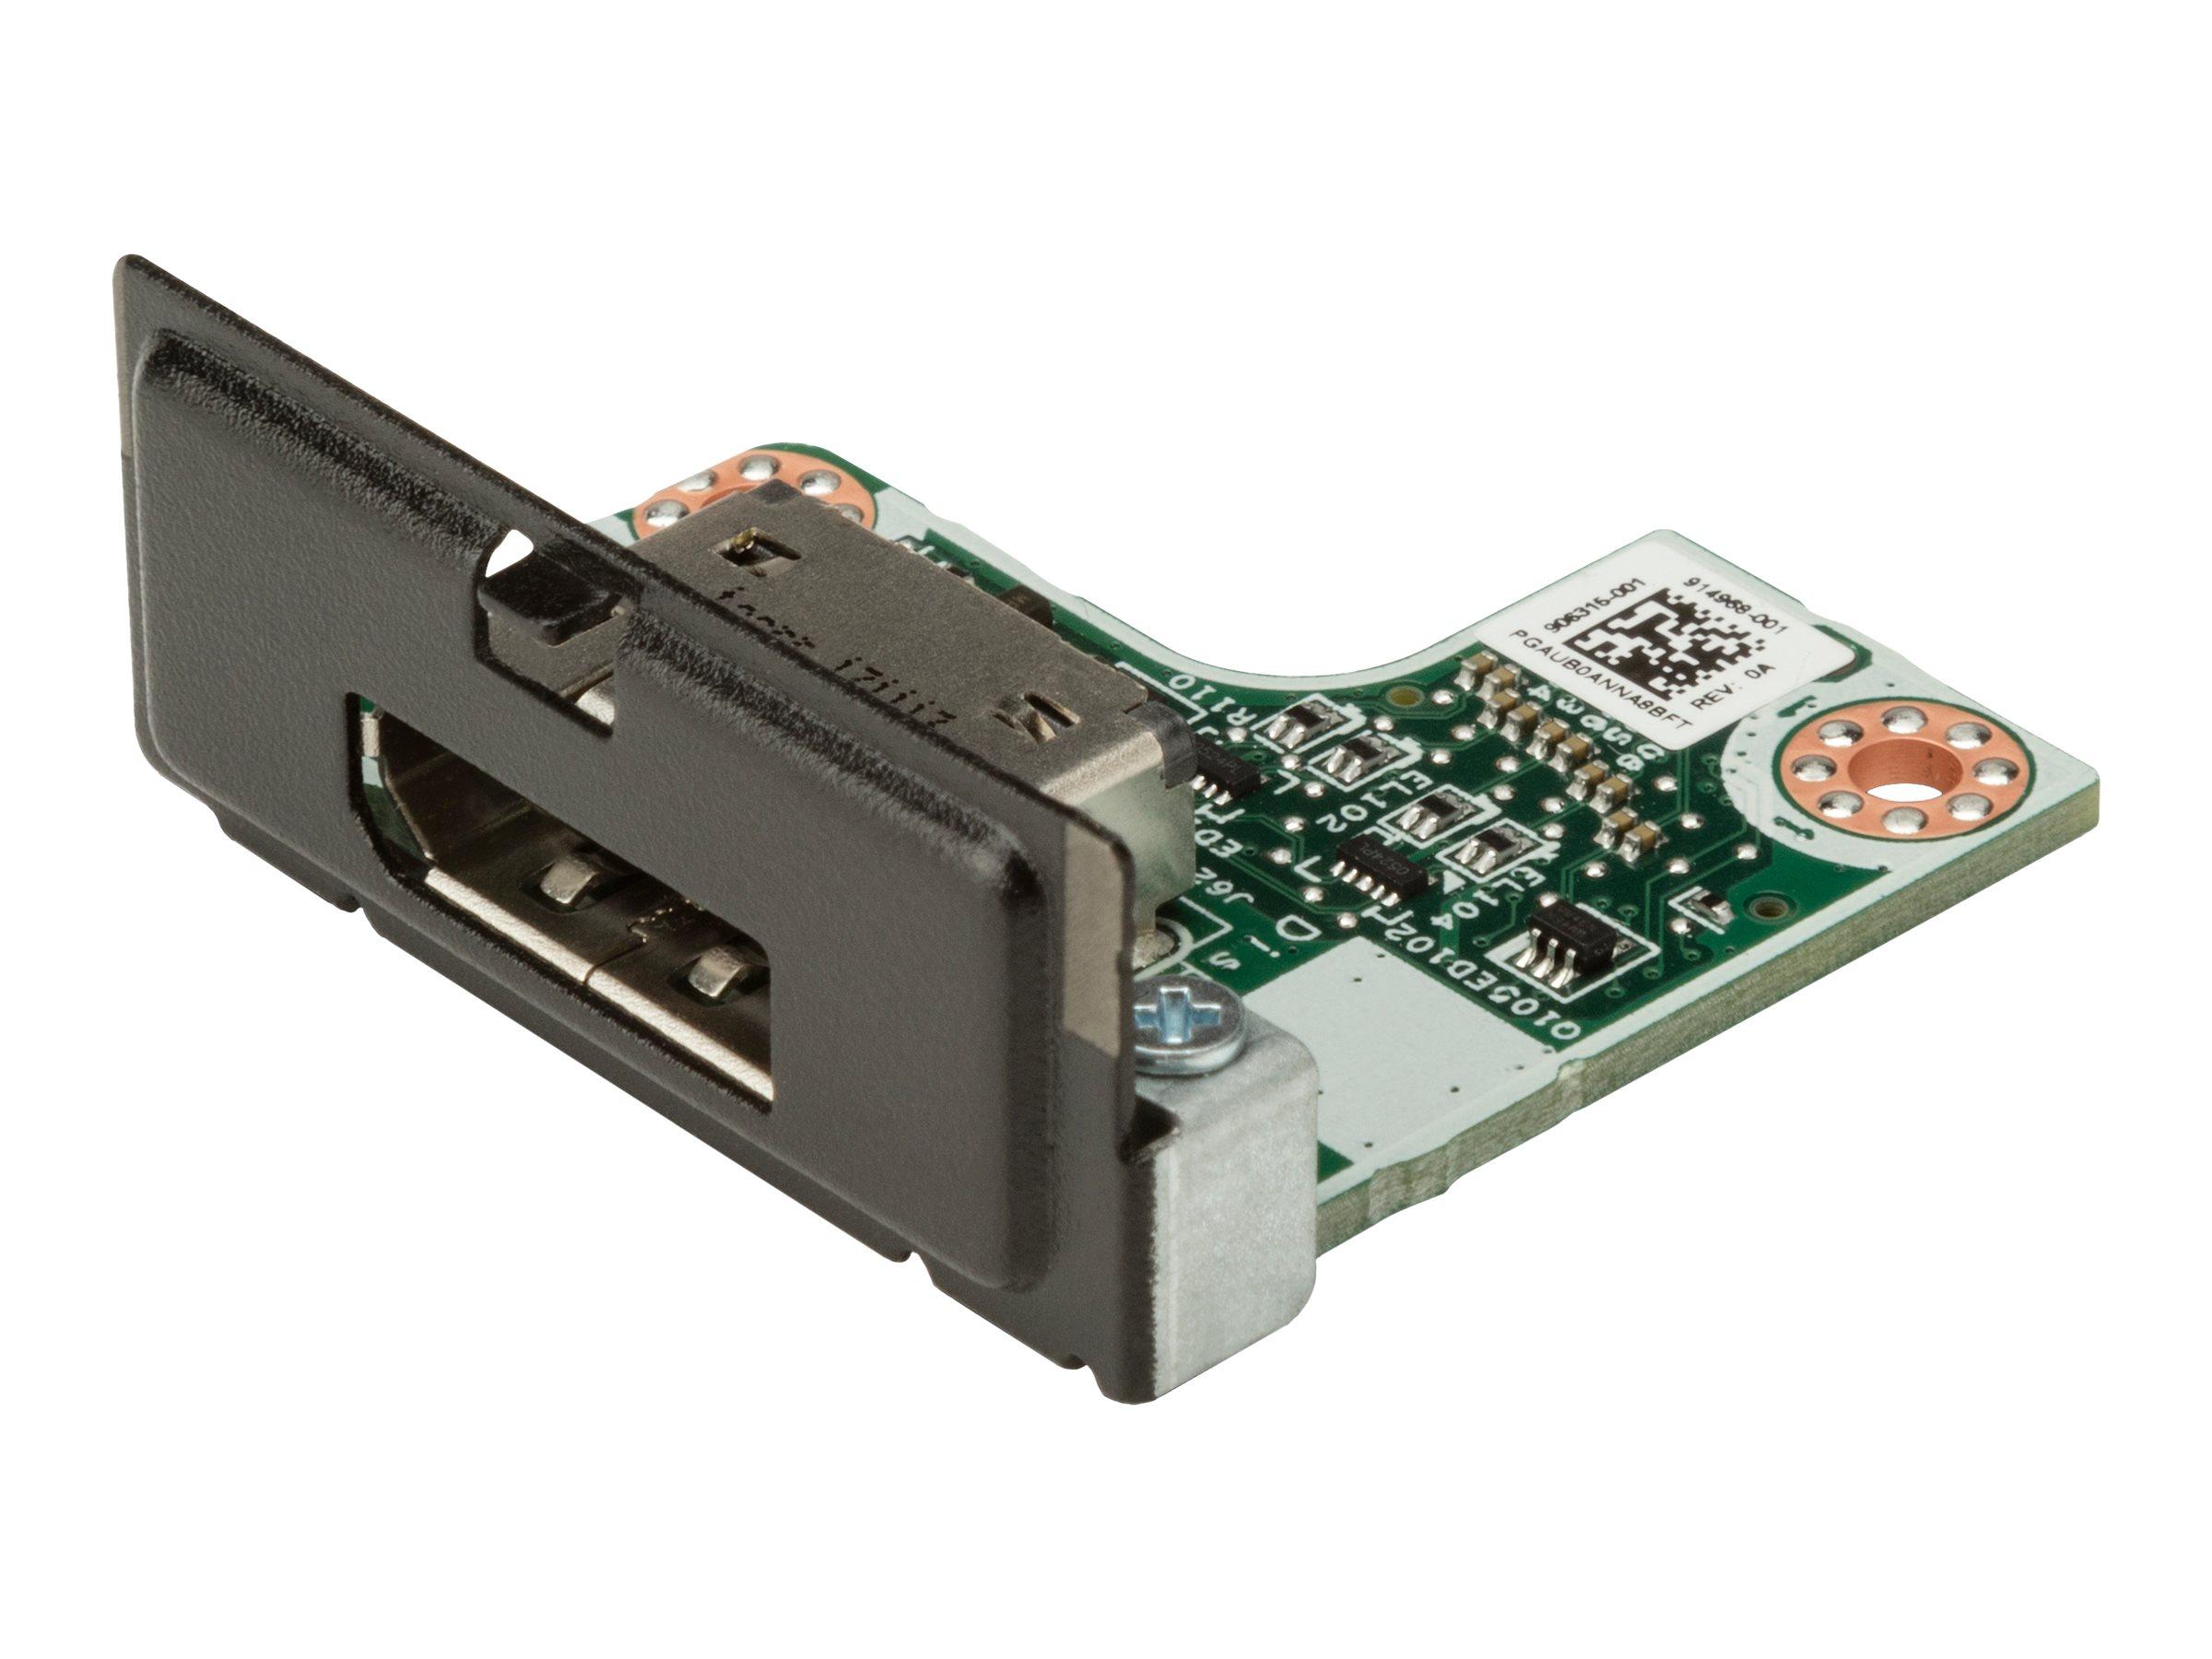 Hp flex io card usb c 3 1 port fuer workstation z2 g4 z2 mini g4 entry z2 mini g4 high performance z2 mini g4 performance 9324242 4ky84aa